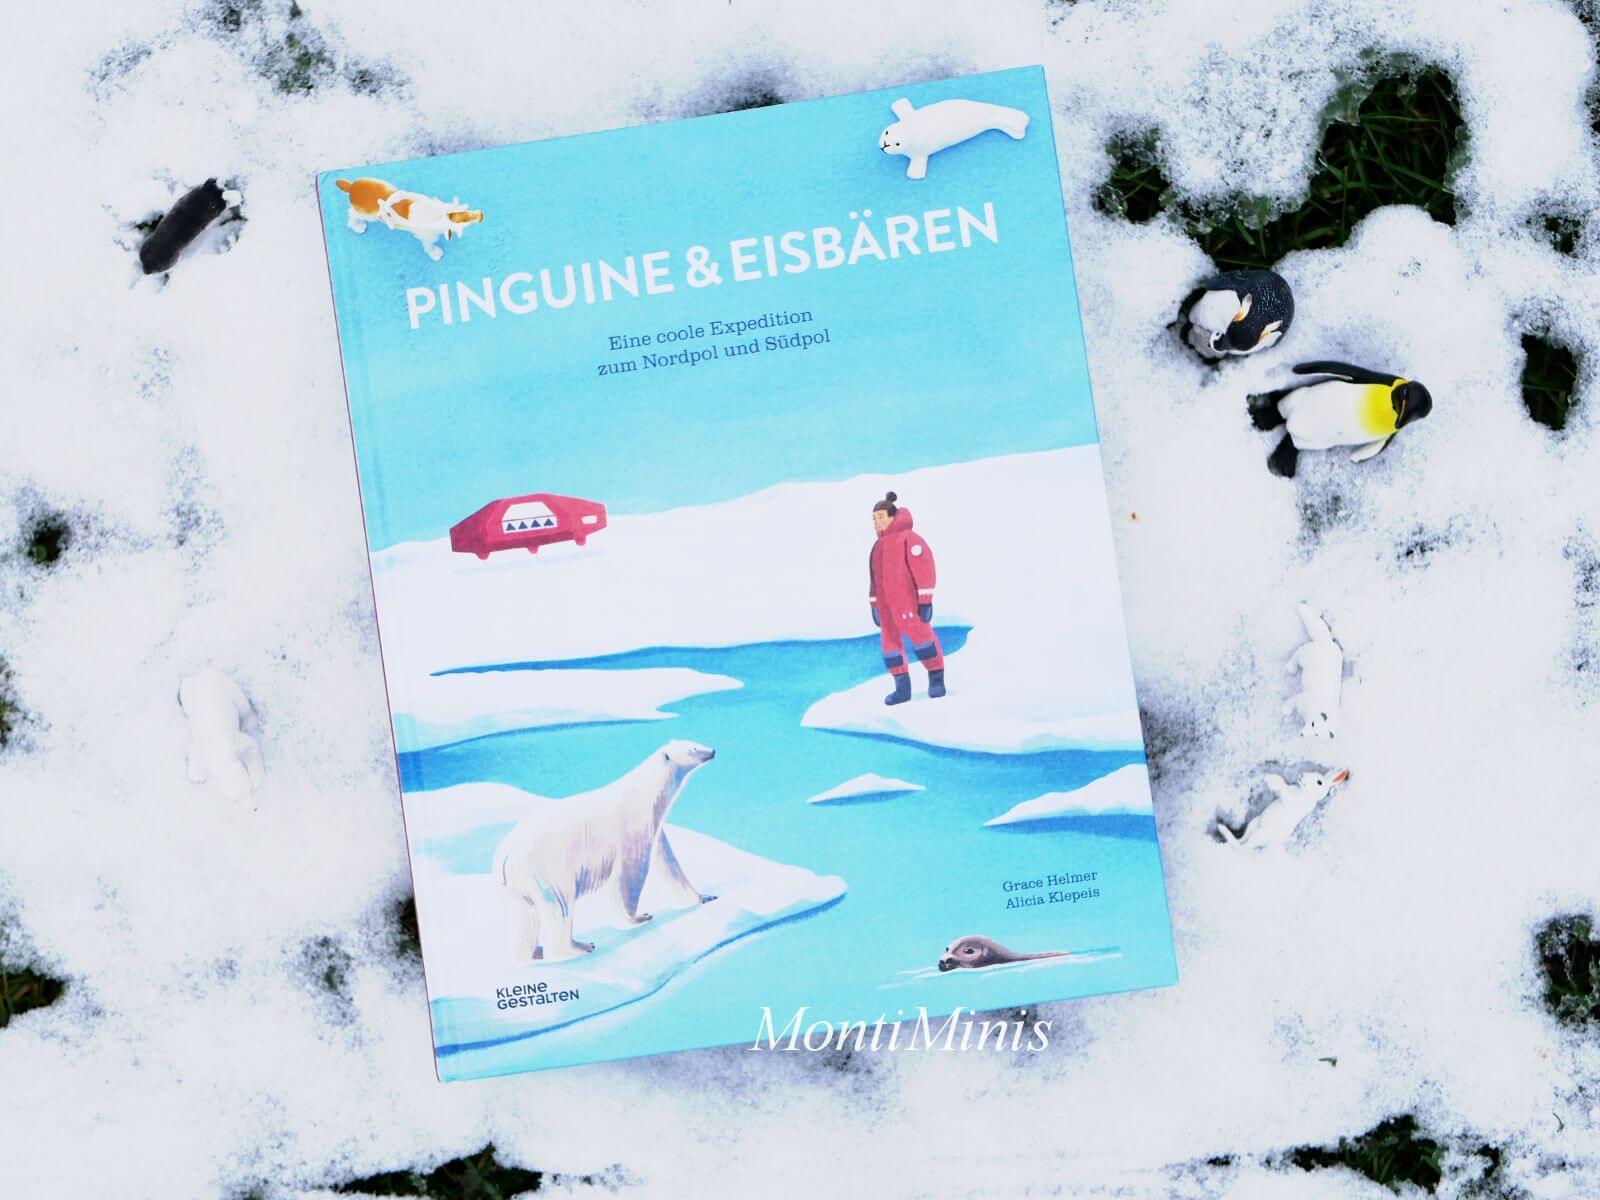 Pinguine und Eisbären - Polarforscherbuch für Kinder, Kinderbuchtipp, Polarbuch, Winterbuch, MontiMinis.com